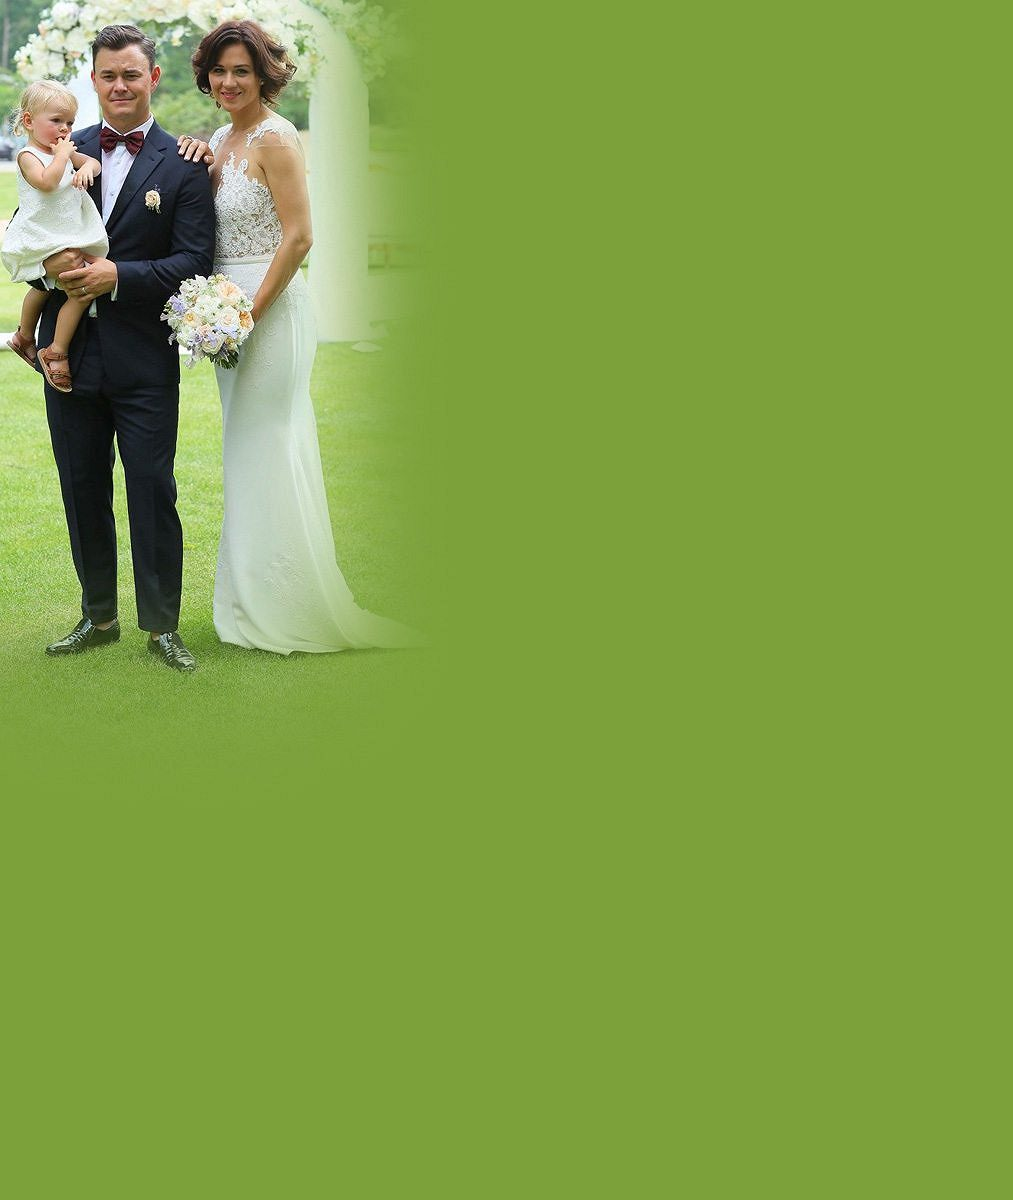 Dvojník Hankse nebo spíš DiCapria? Máme exkluzivní fotky ze svatby hokejisty Hudlera